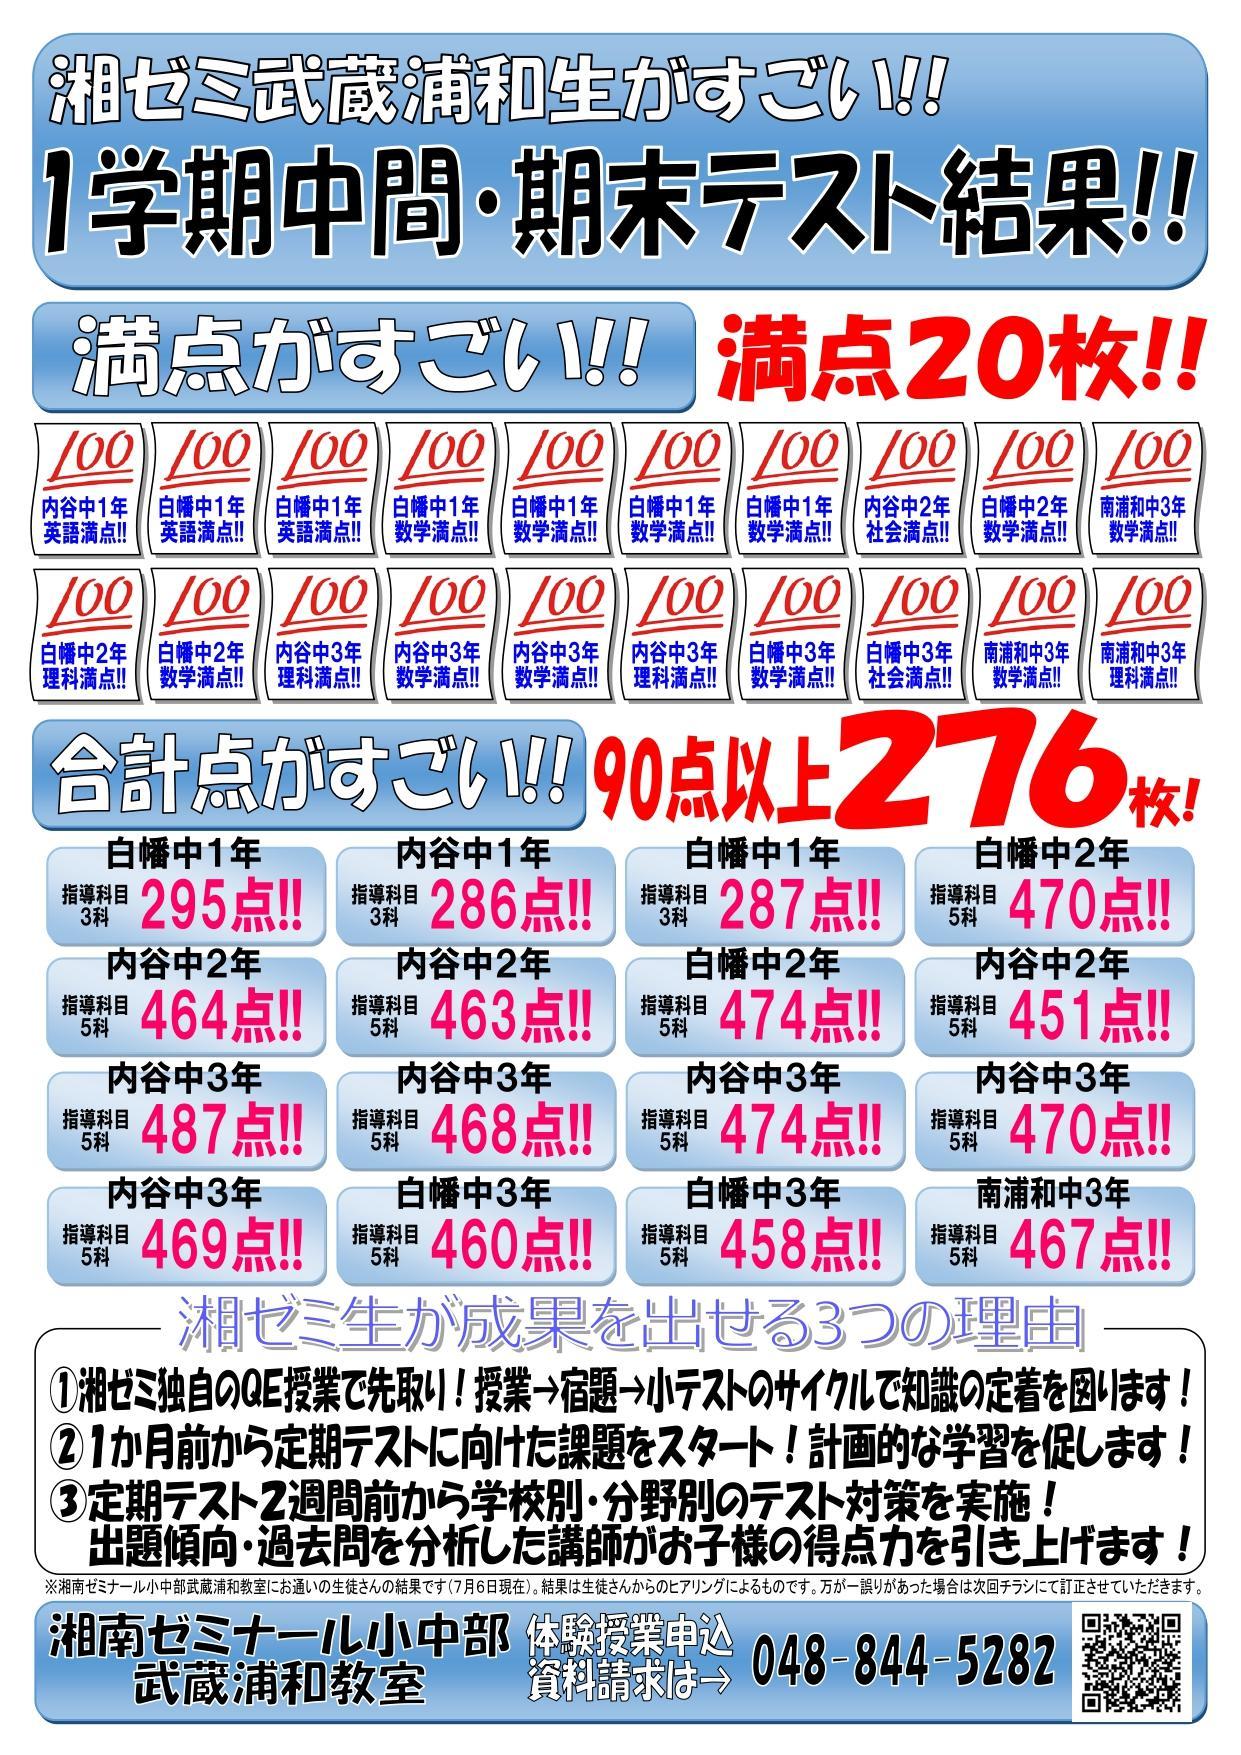 20210706_前期中間・1学期期末テスト結果チラシ_page-0001 (1).jpg